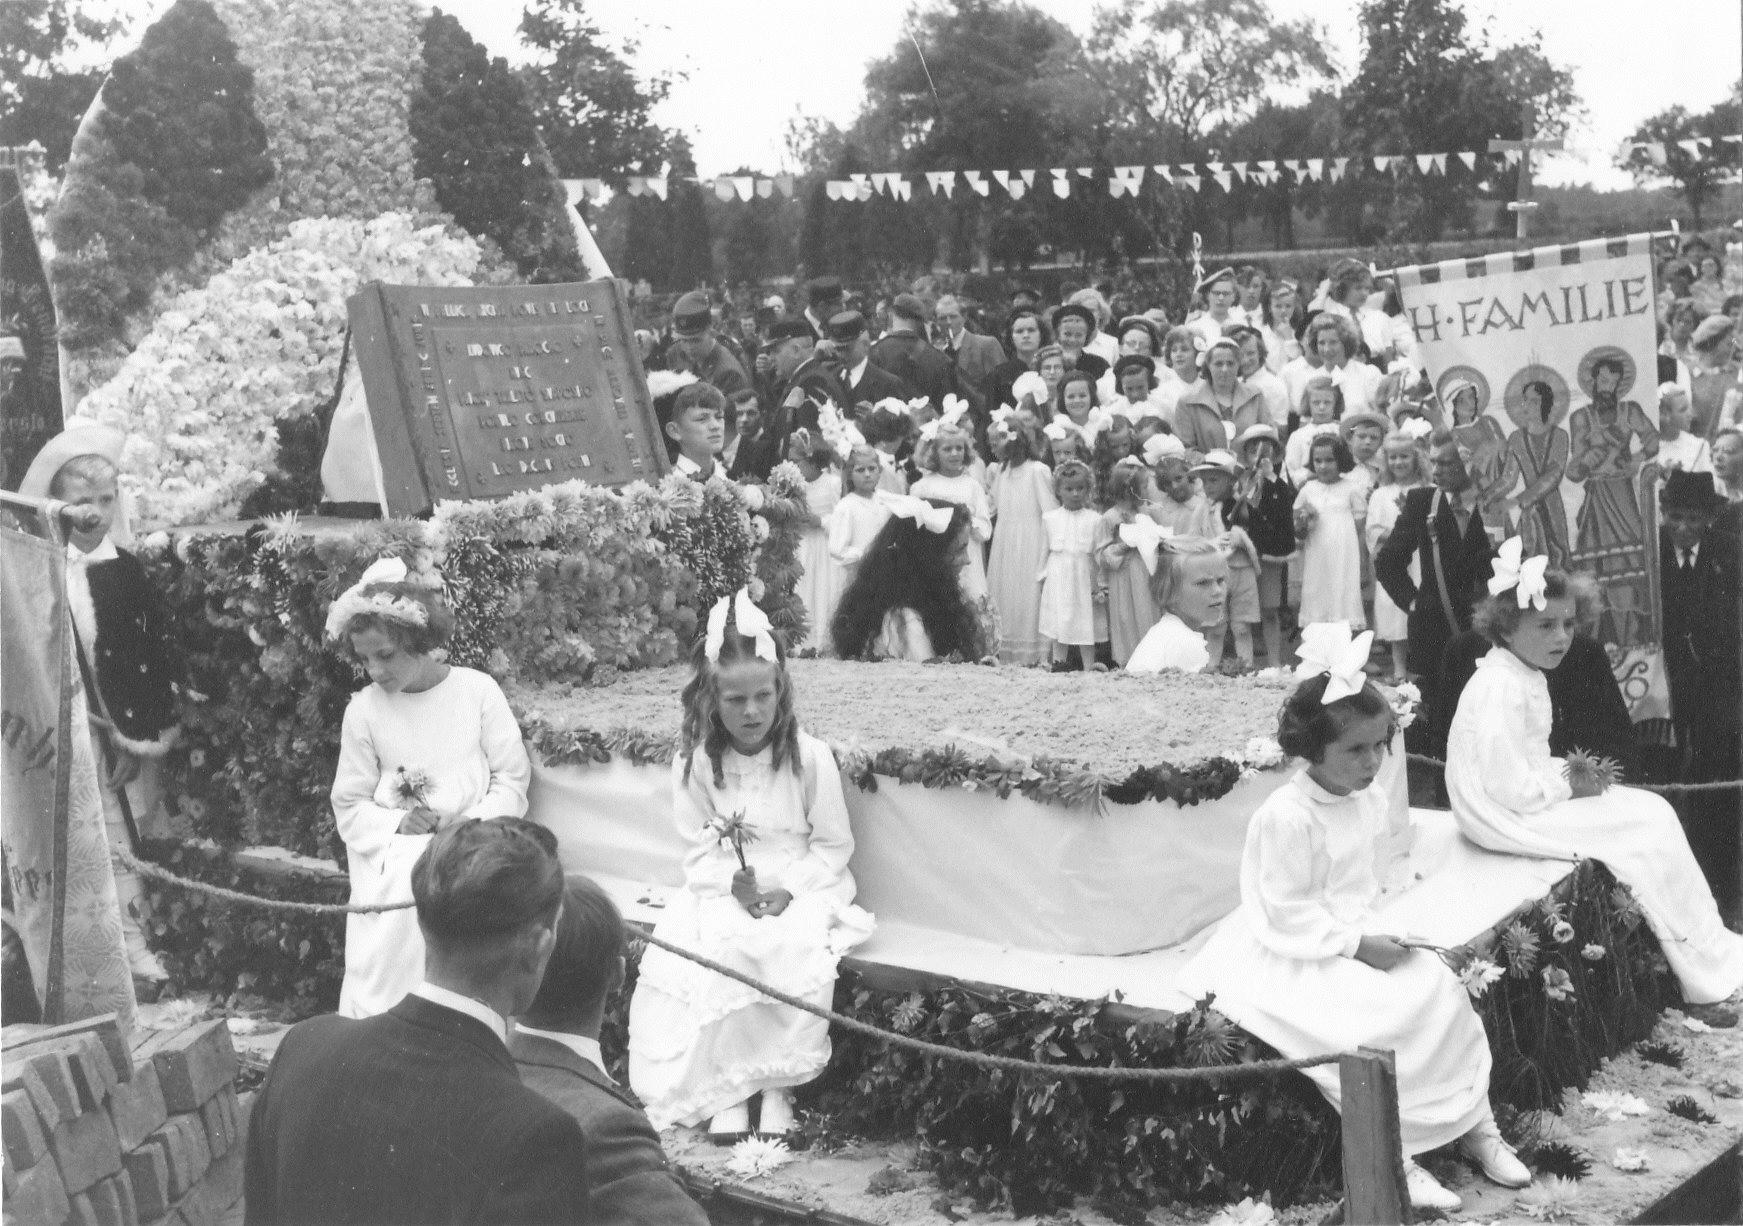 Vaandel Heilige Familie bij eerstesteenlegging kerk op 5 augustus 1951